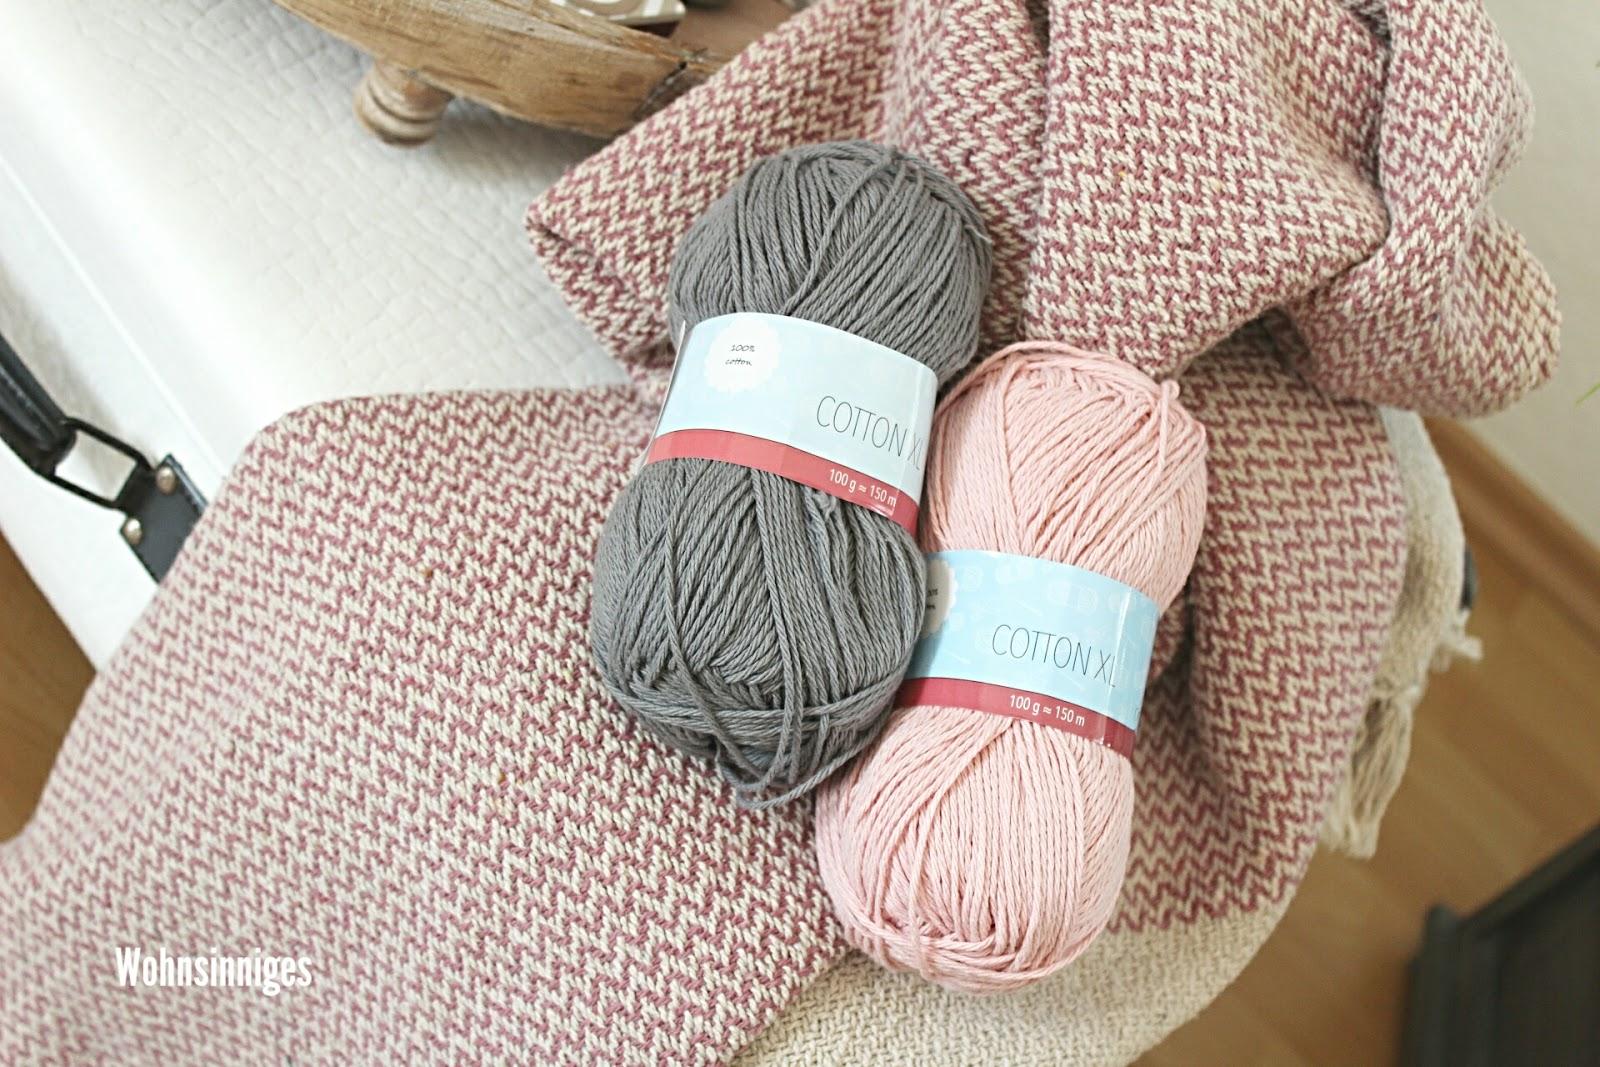 Wolle In Rosa Und Grau Darf Auch Nicht Fehlen : ) Mal Sehen Was Ich Daraus  Stricke, Vielleicht Ein Schönes Kissen.